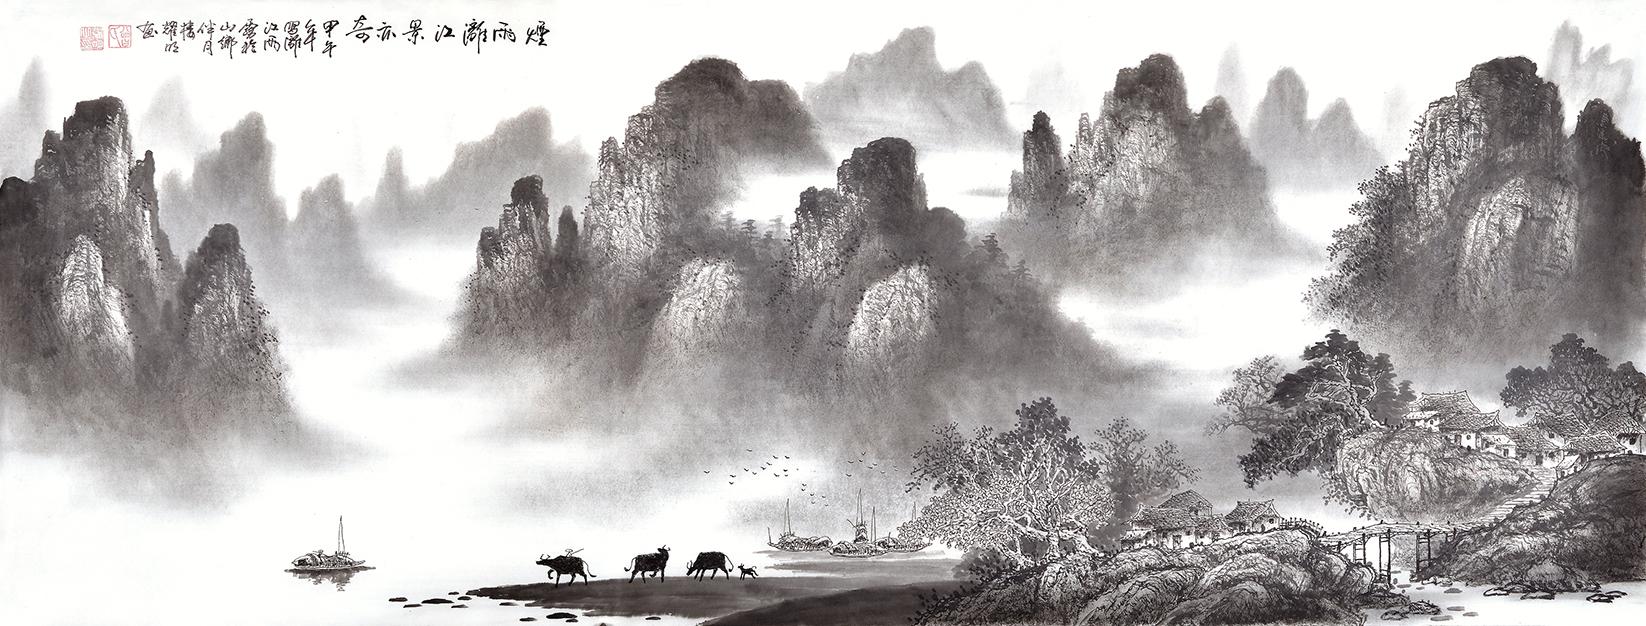 六尺横幅山水画作品《烟雨漓江》赏析  曾耀明,一九五二年生于桂林.